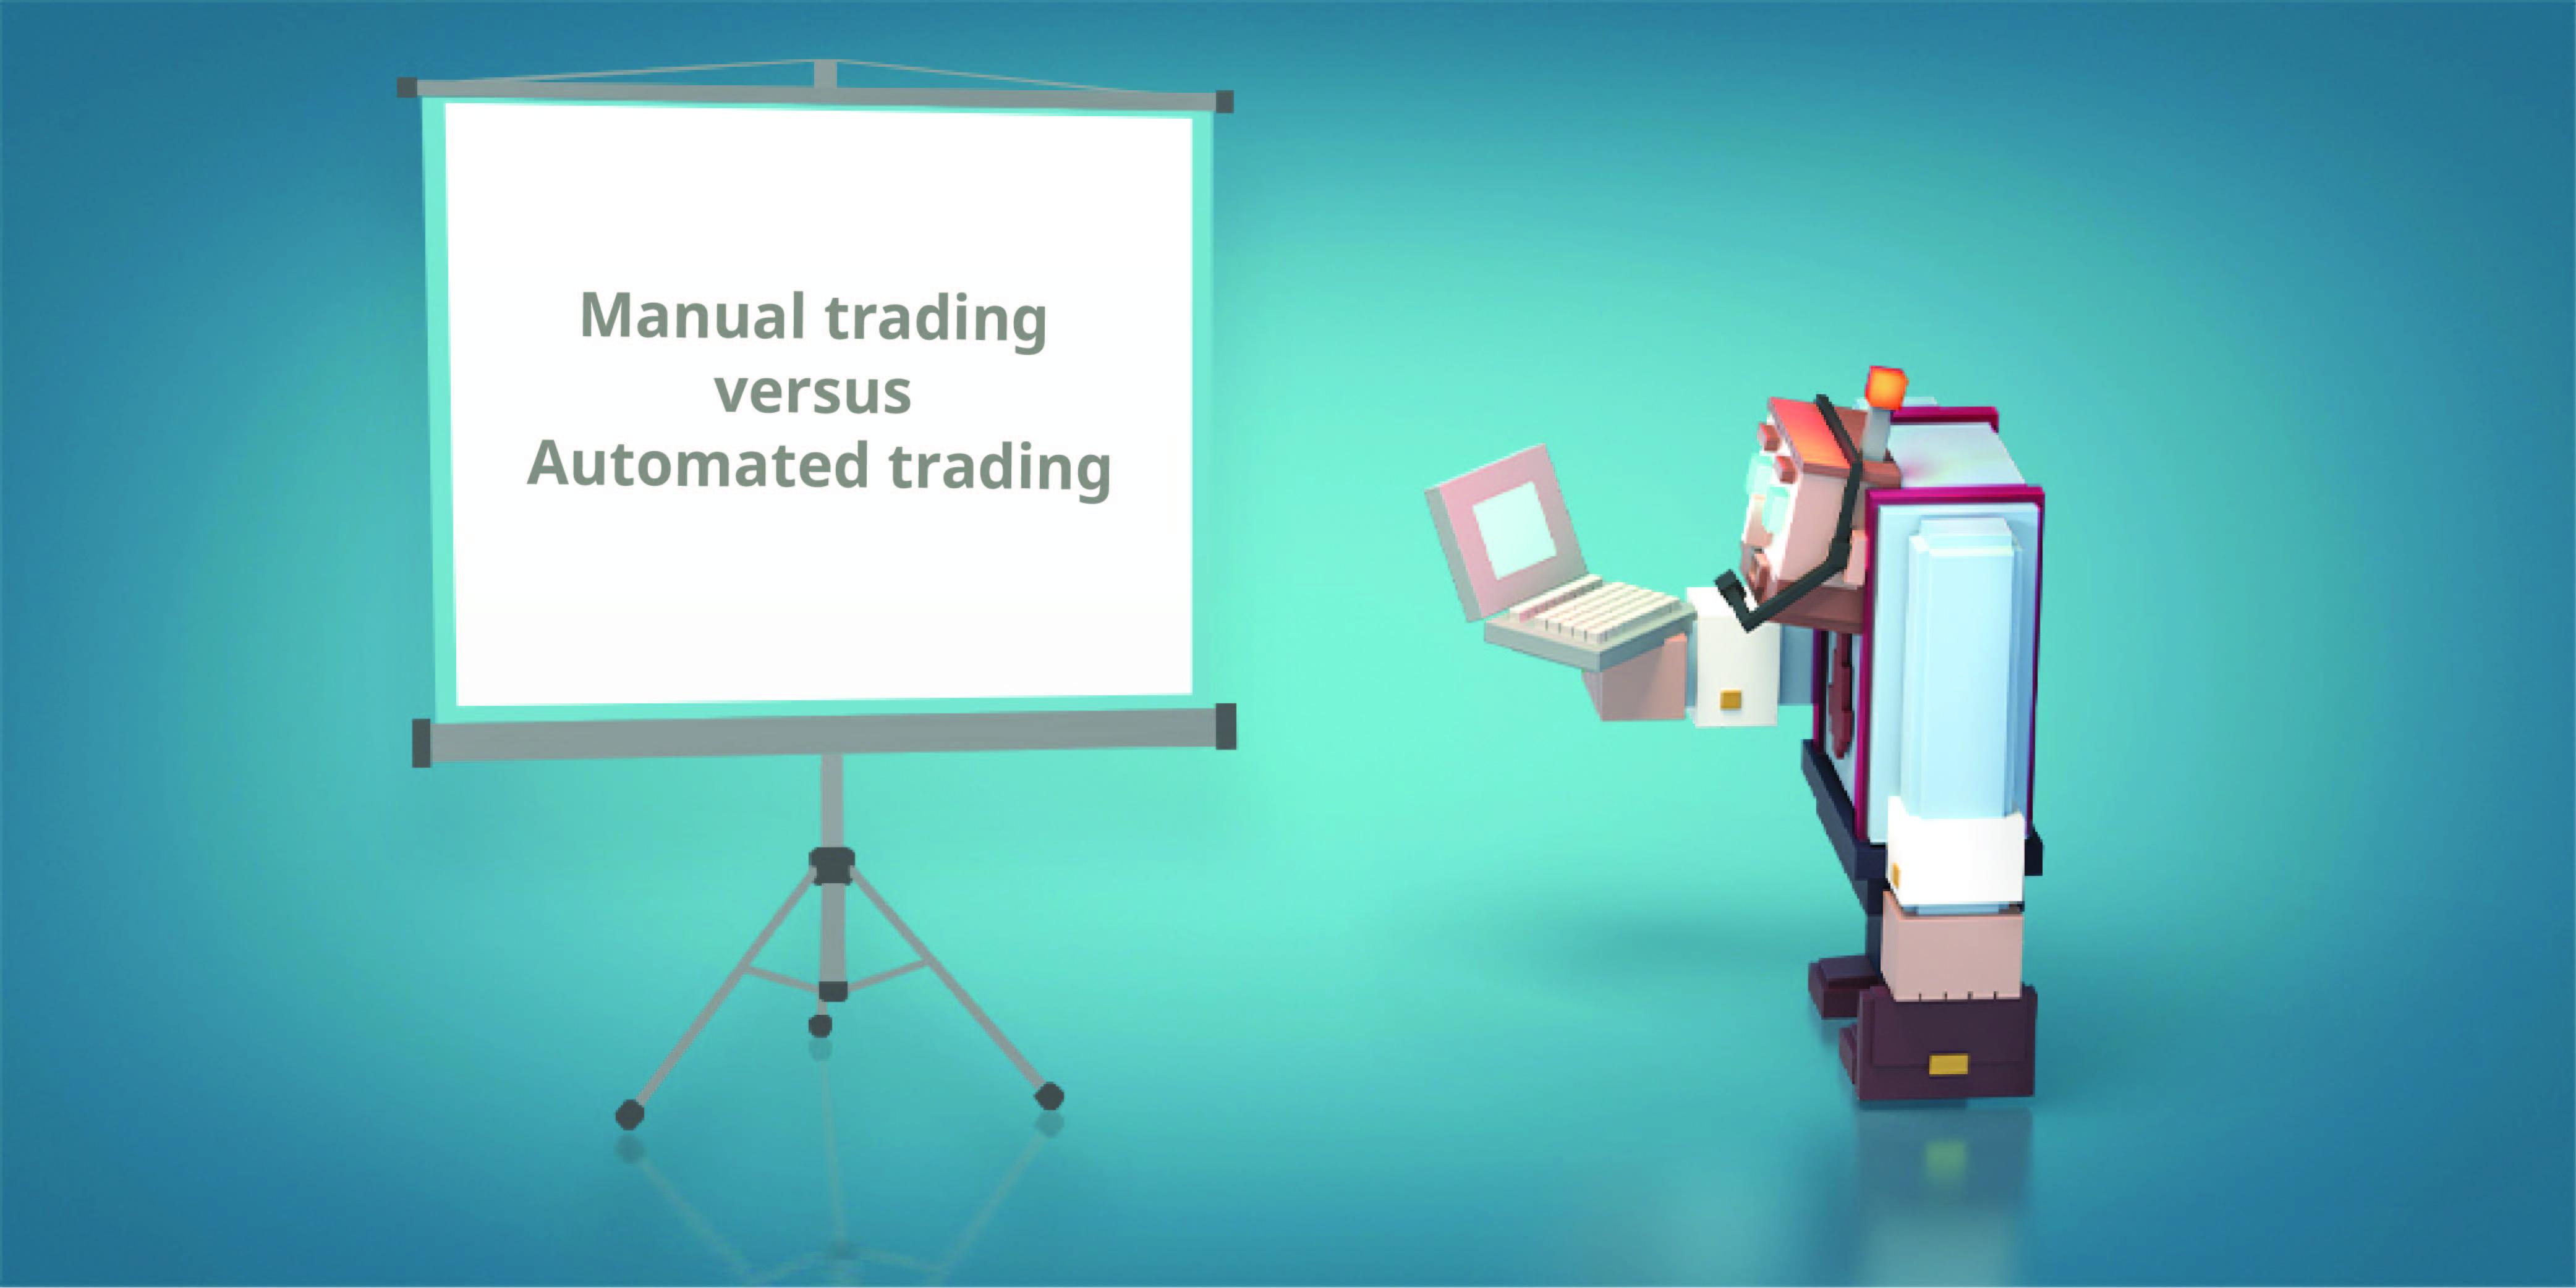 Investir pour beginners-Handmatig par rapport à l'investissement automatisé